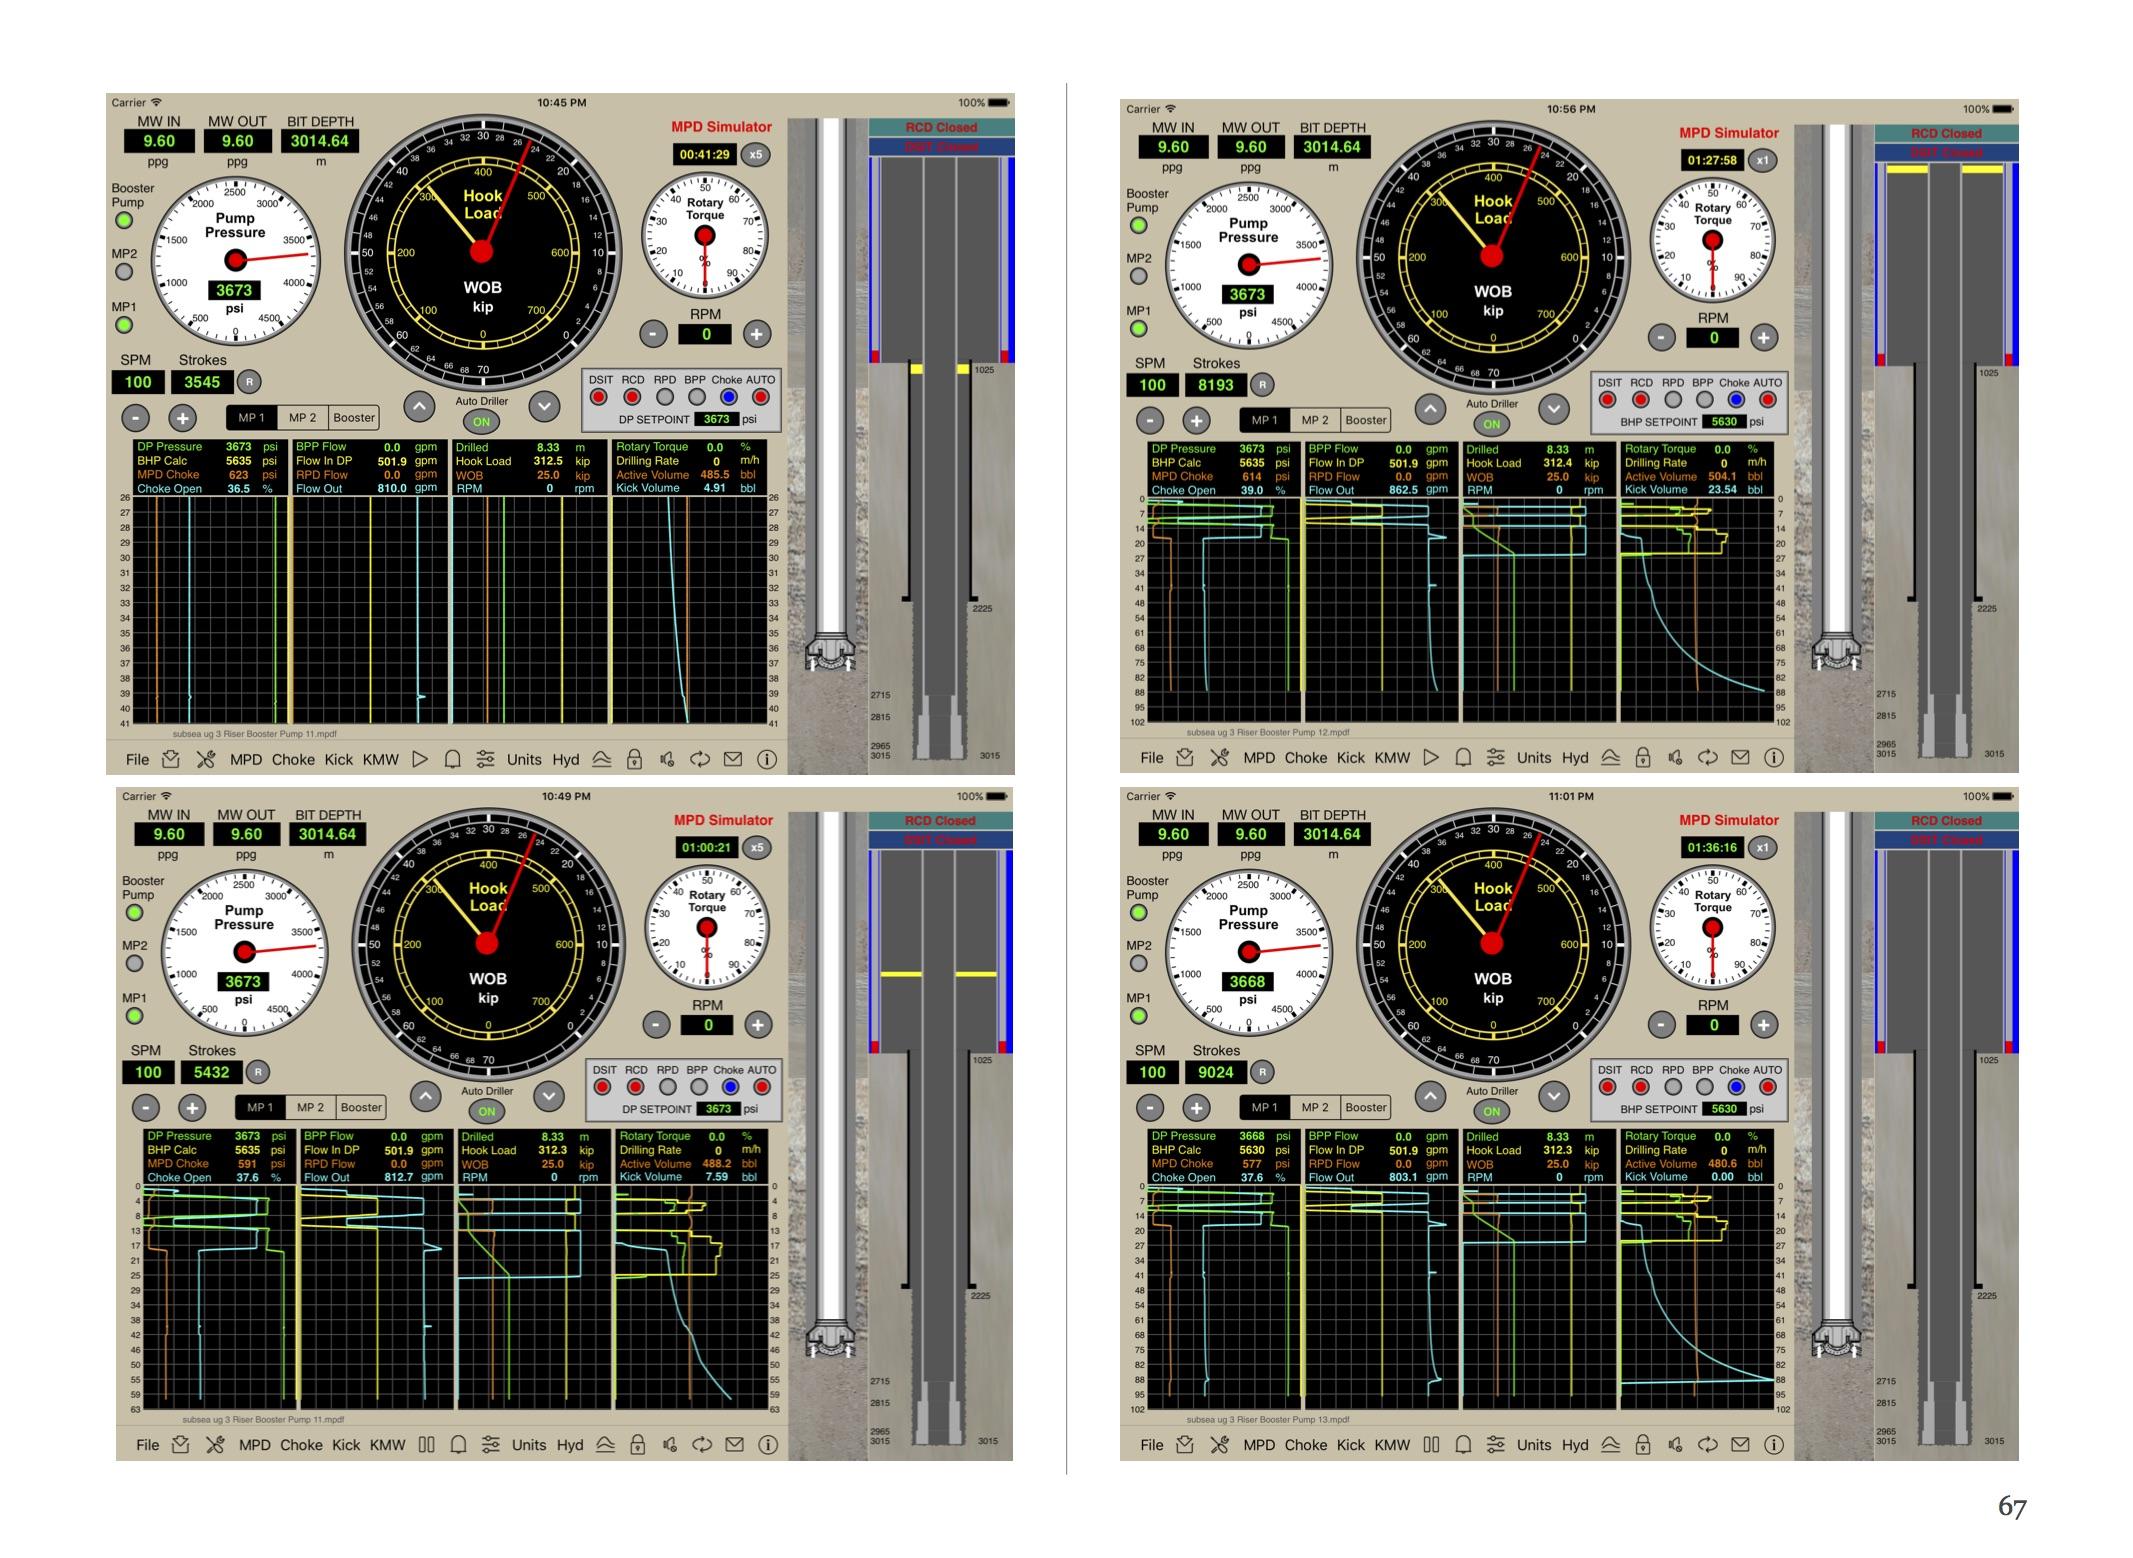 MPD_Simulator_68